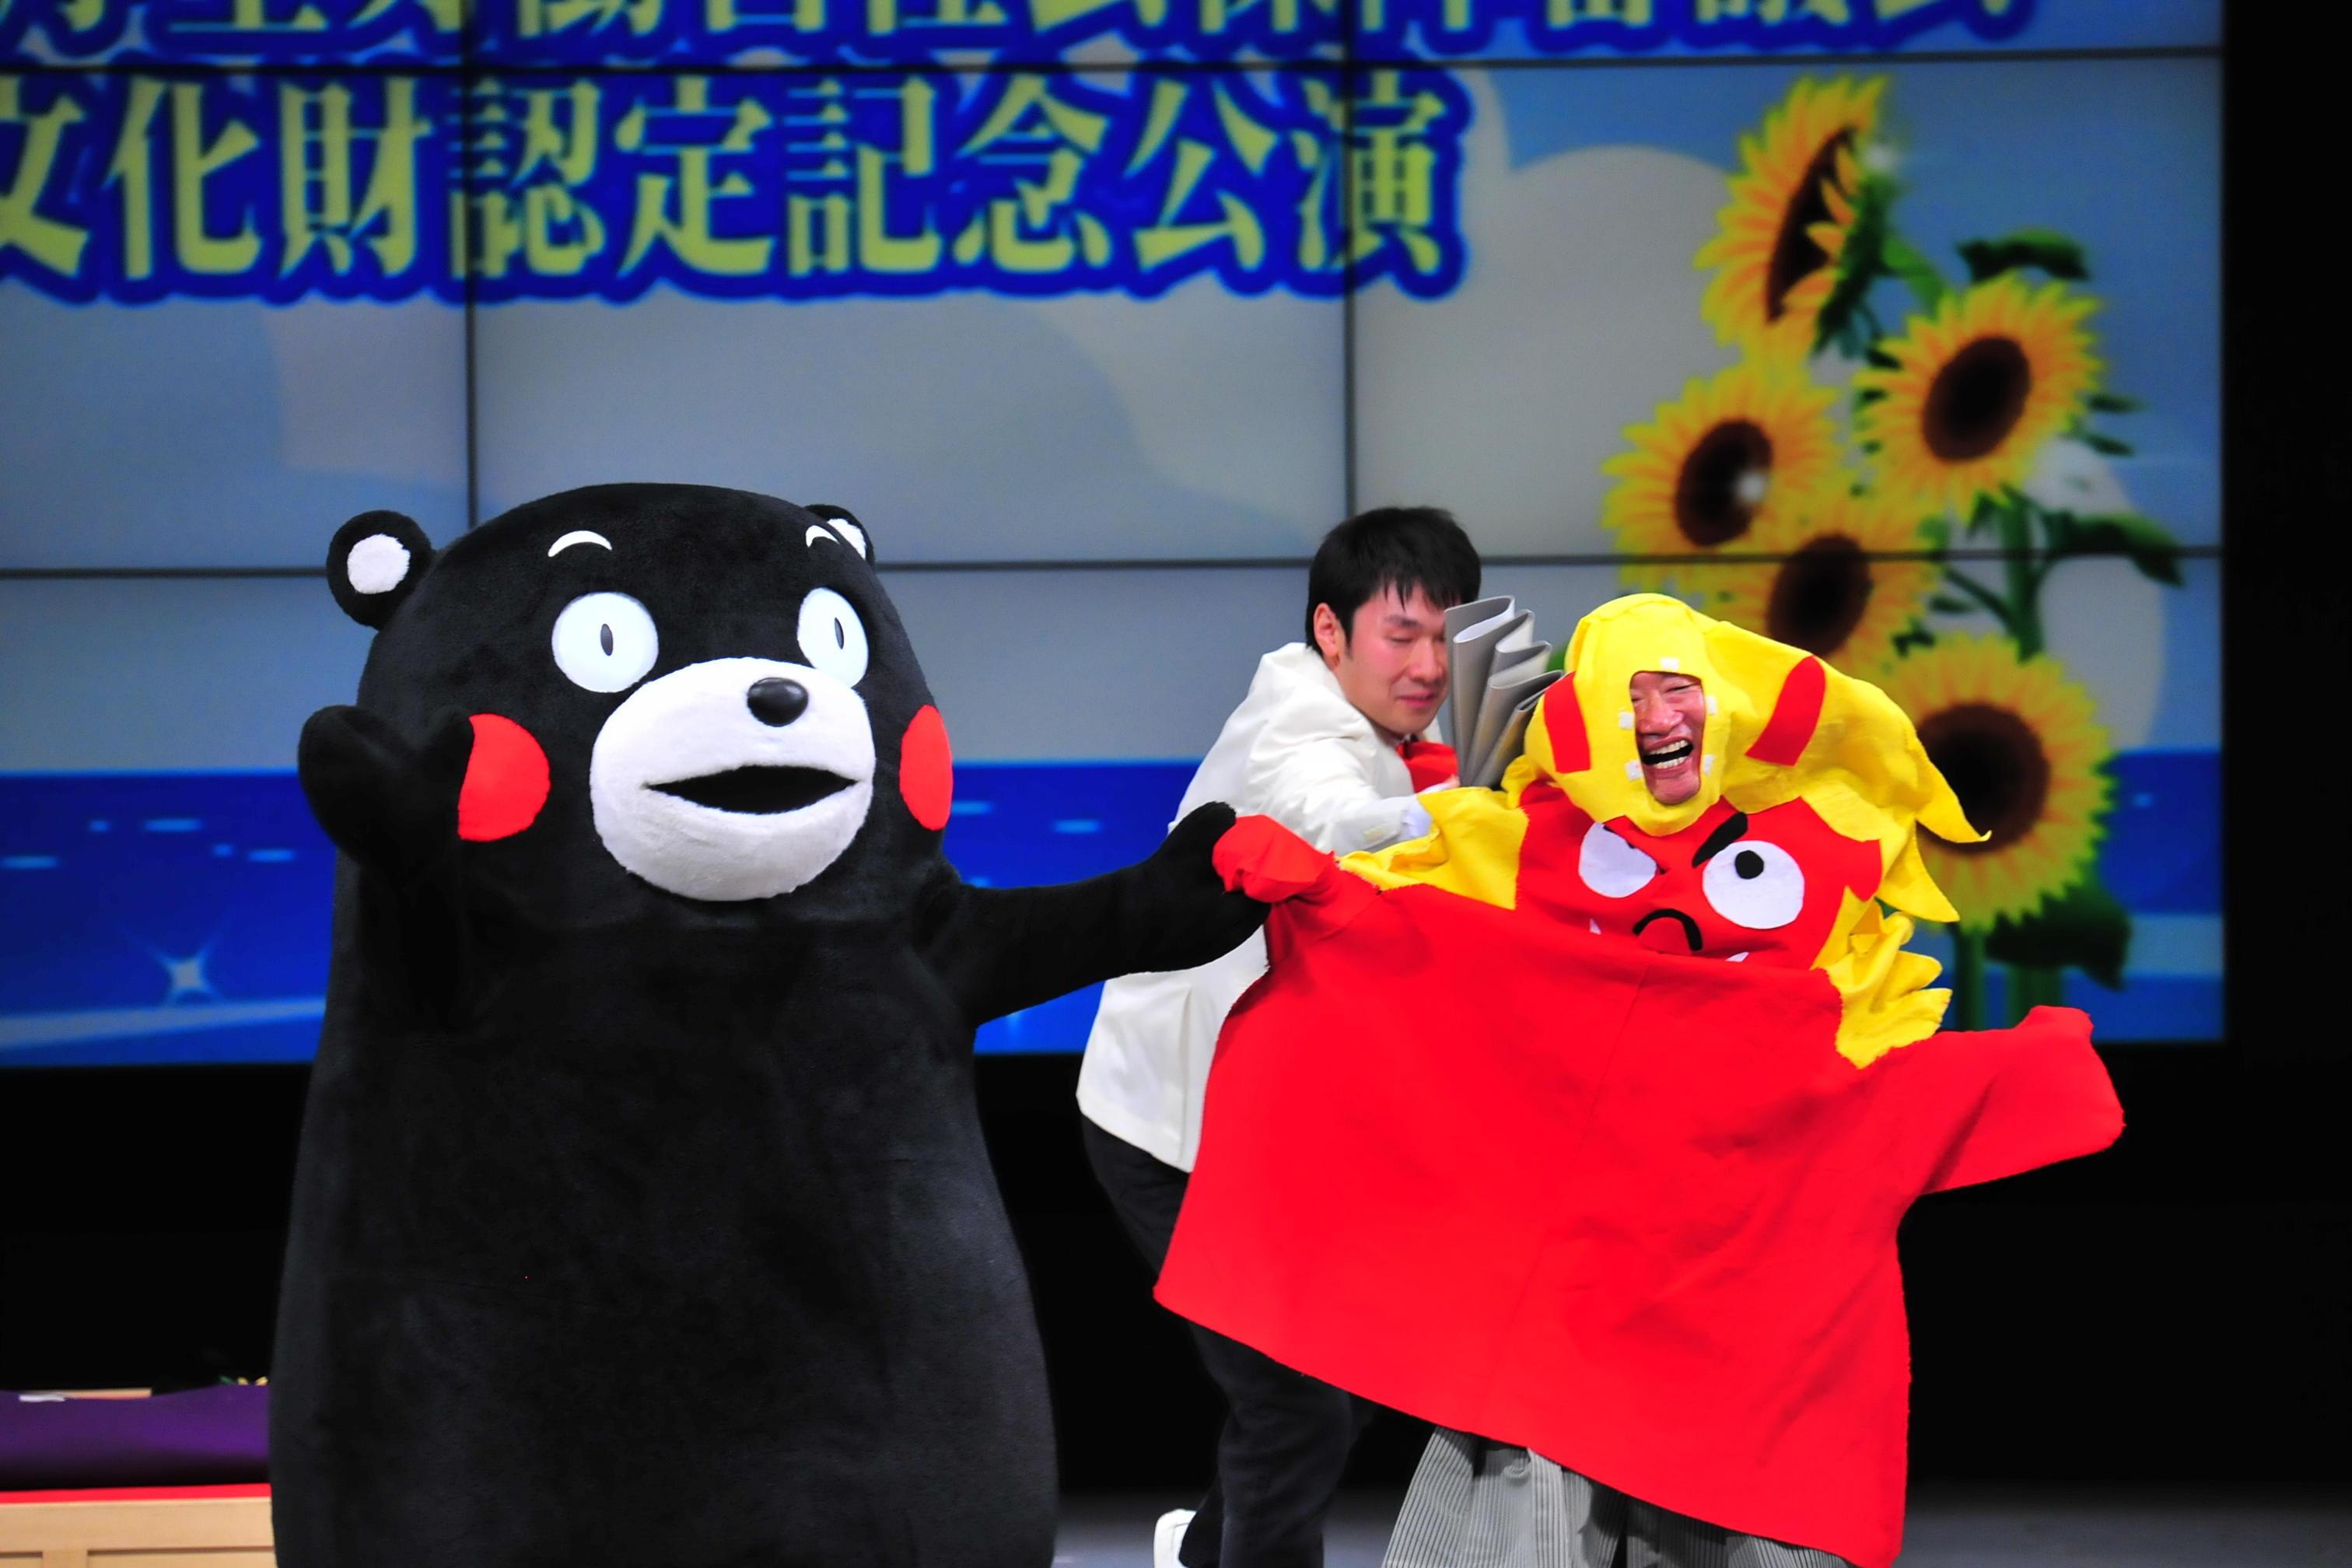 http://news.yoshimoto.co.jp/20160810000022-8c48ba19c915905b0de01a567e1d3e5eb1bcb279.jpg